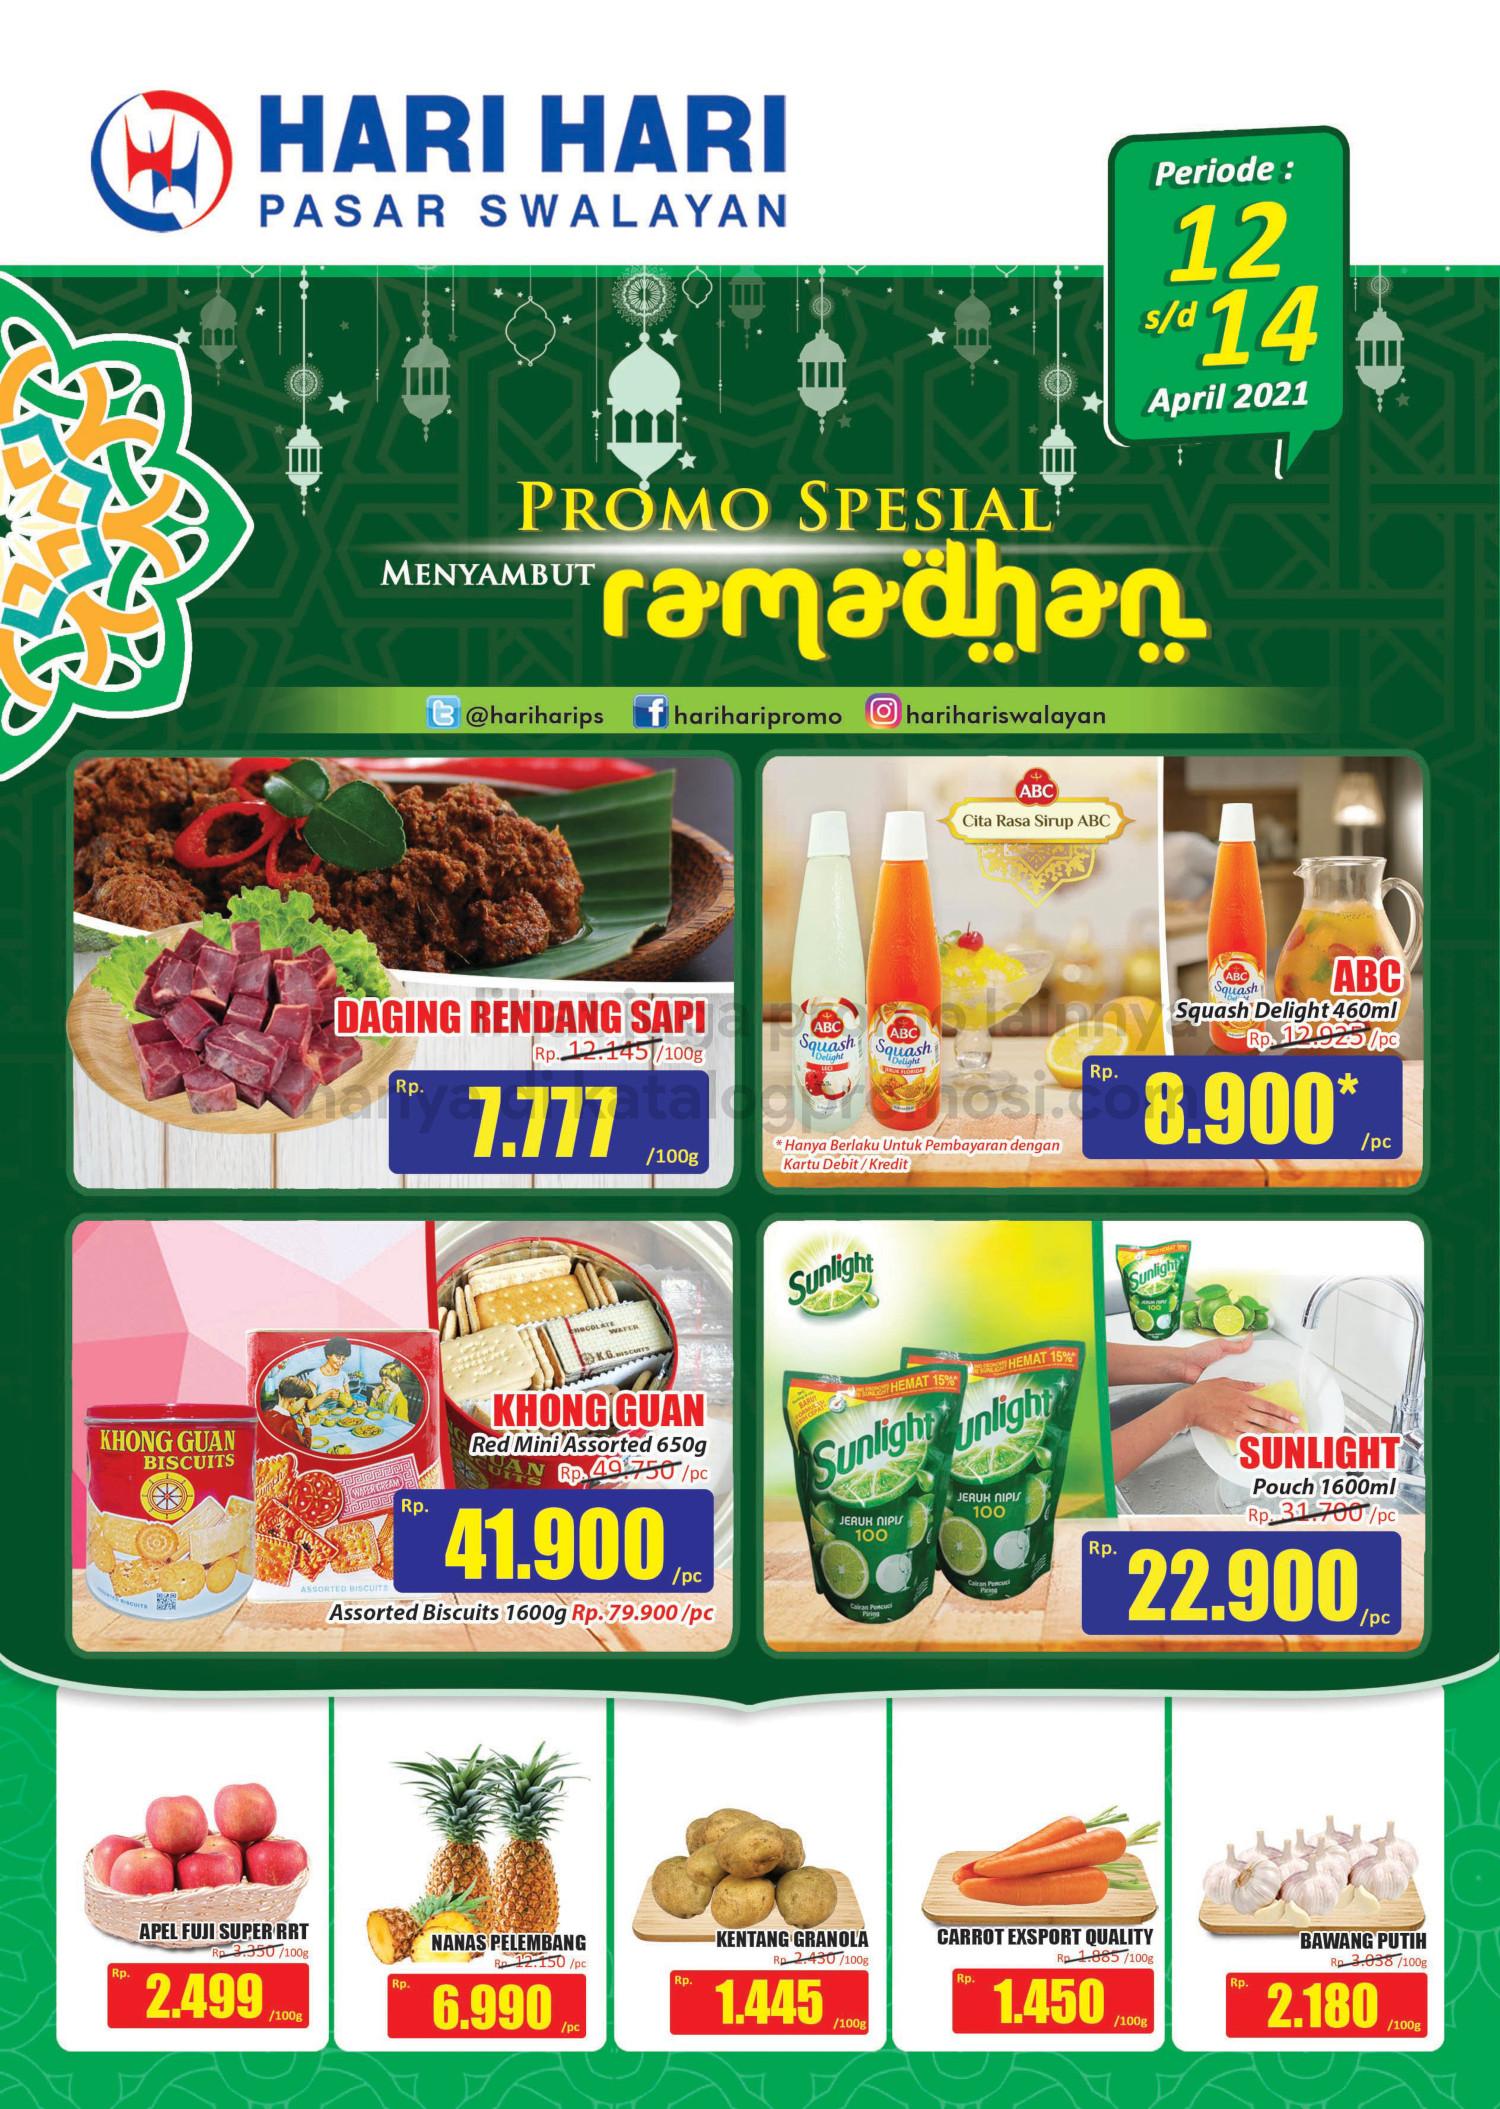 Promo Hari Hari Pasar Swalayan Ramadhan Spesial Periode 12-14 April 2021